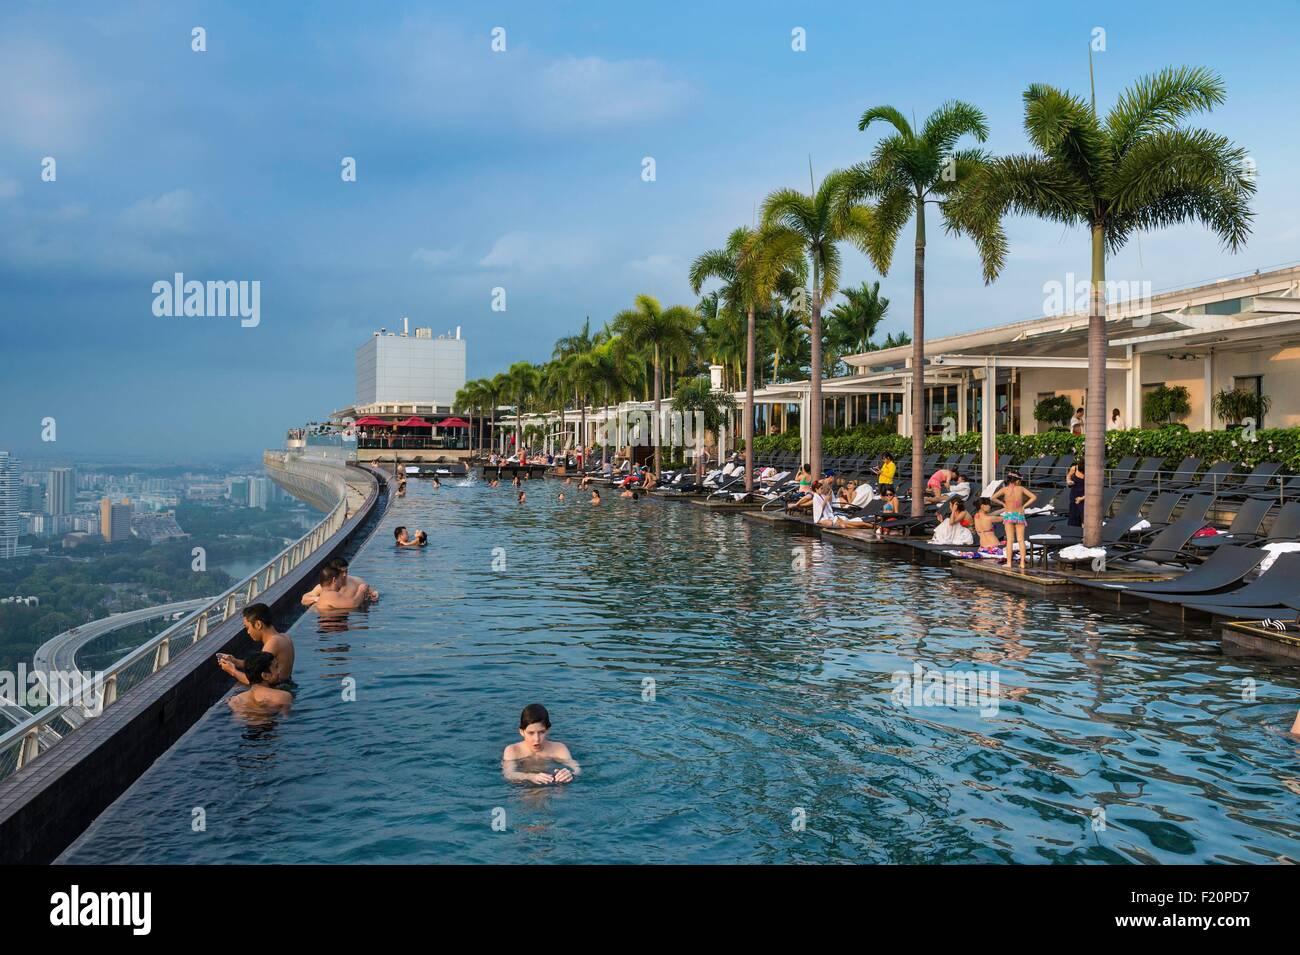 Hotel Marina Bay Sands, Singapore, Singapore - Booking.com